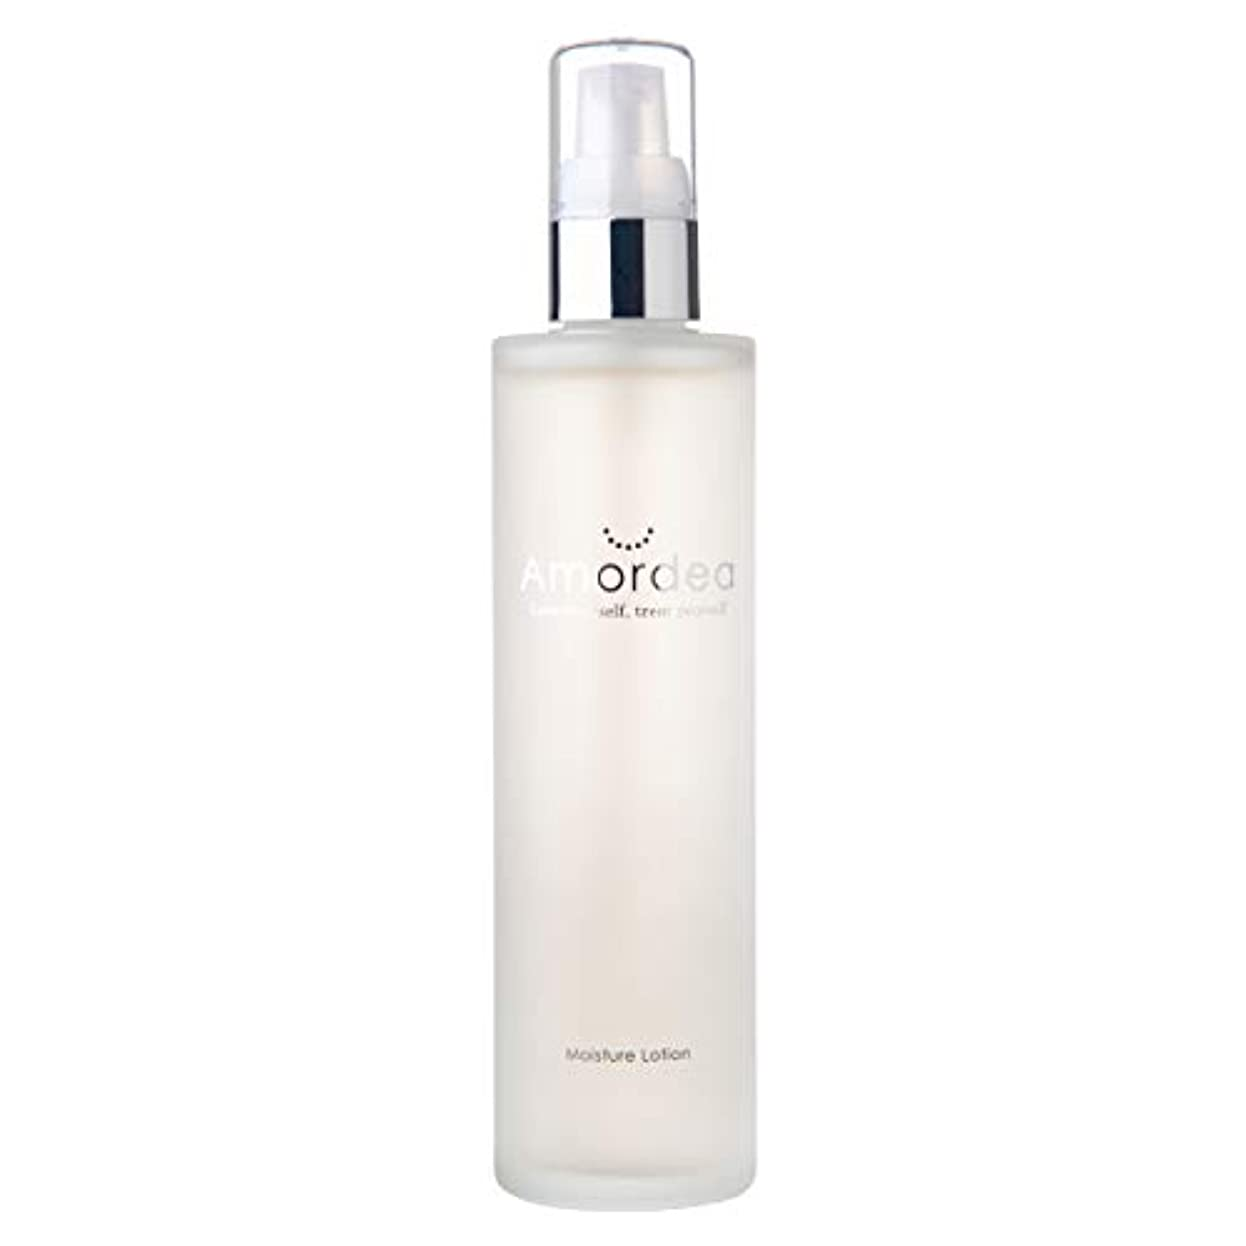 形容詞パノラマ歴史モイスチュアローション 120mL 化粧水 導入美容液